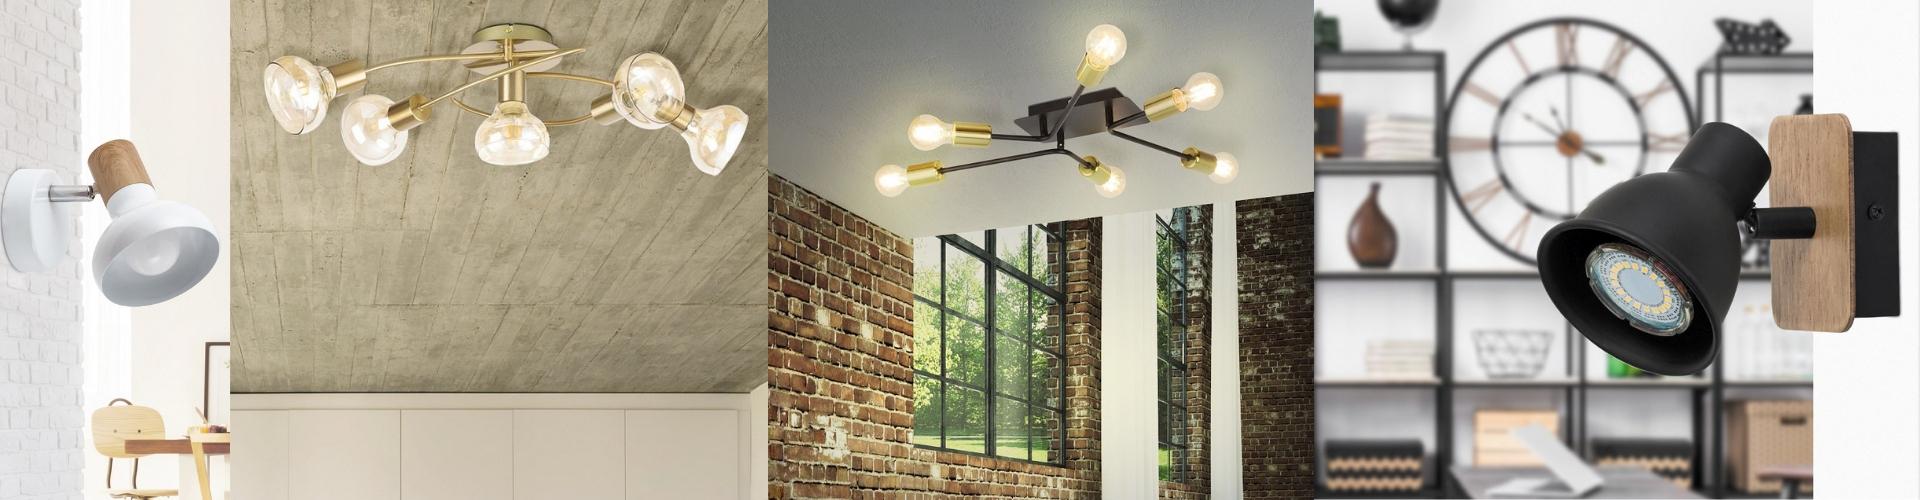 Spots lampen